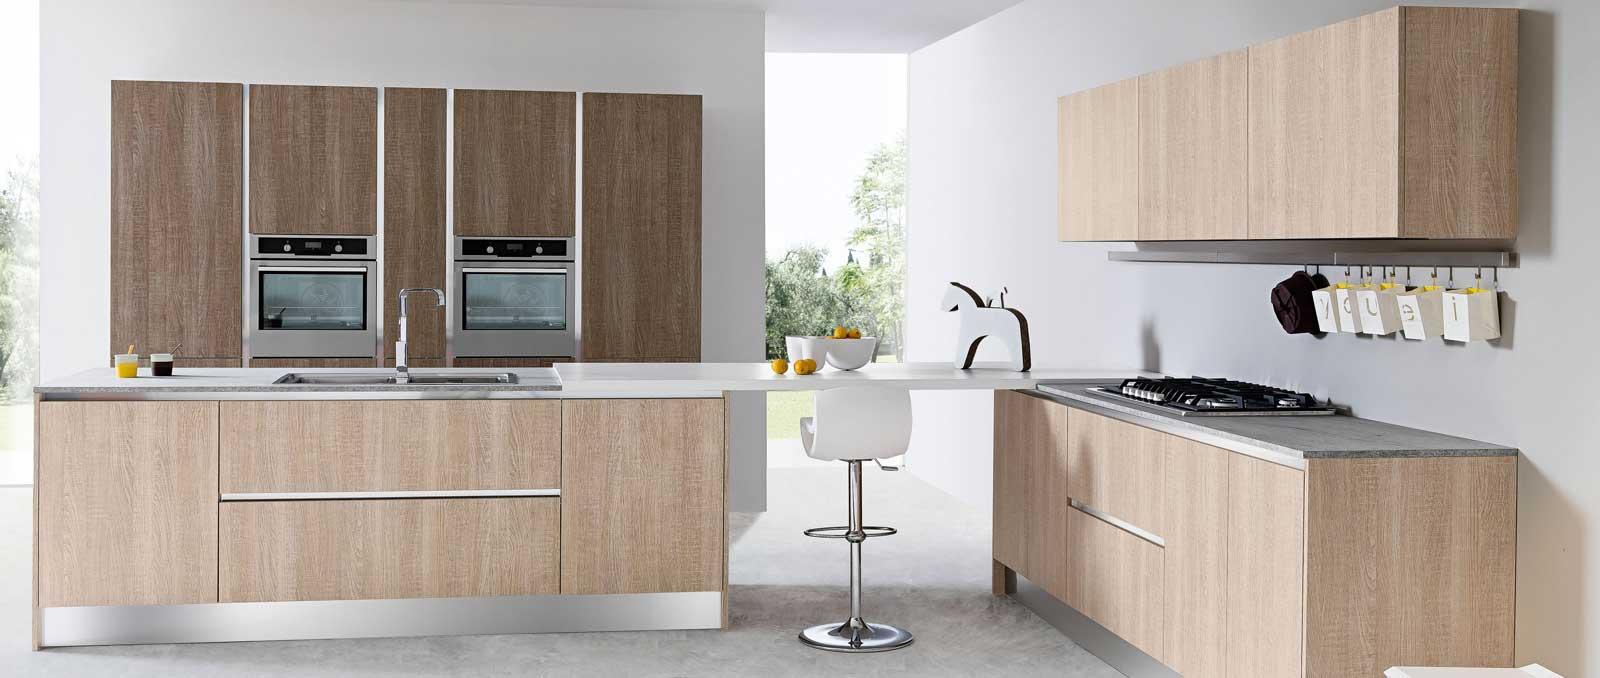 Le coté épurée des lignes droites associé à des portes effets bois structurés exprime parfaitement la tendance actuelle de la cuisine du 21 ème siècle.